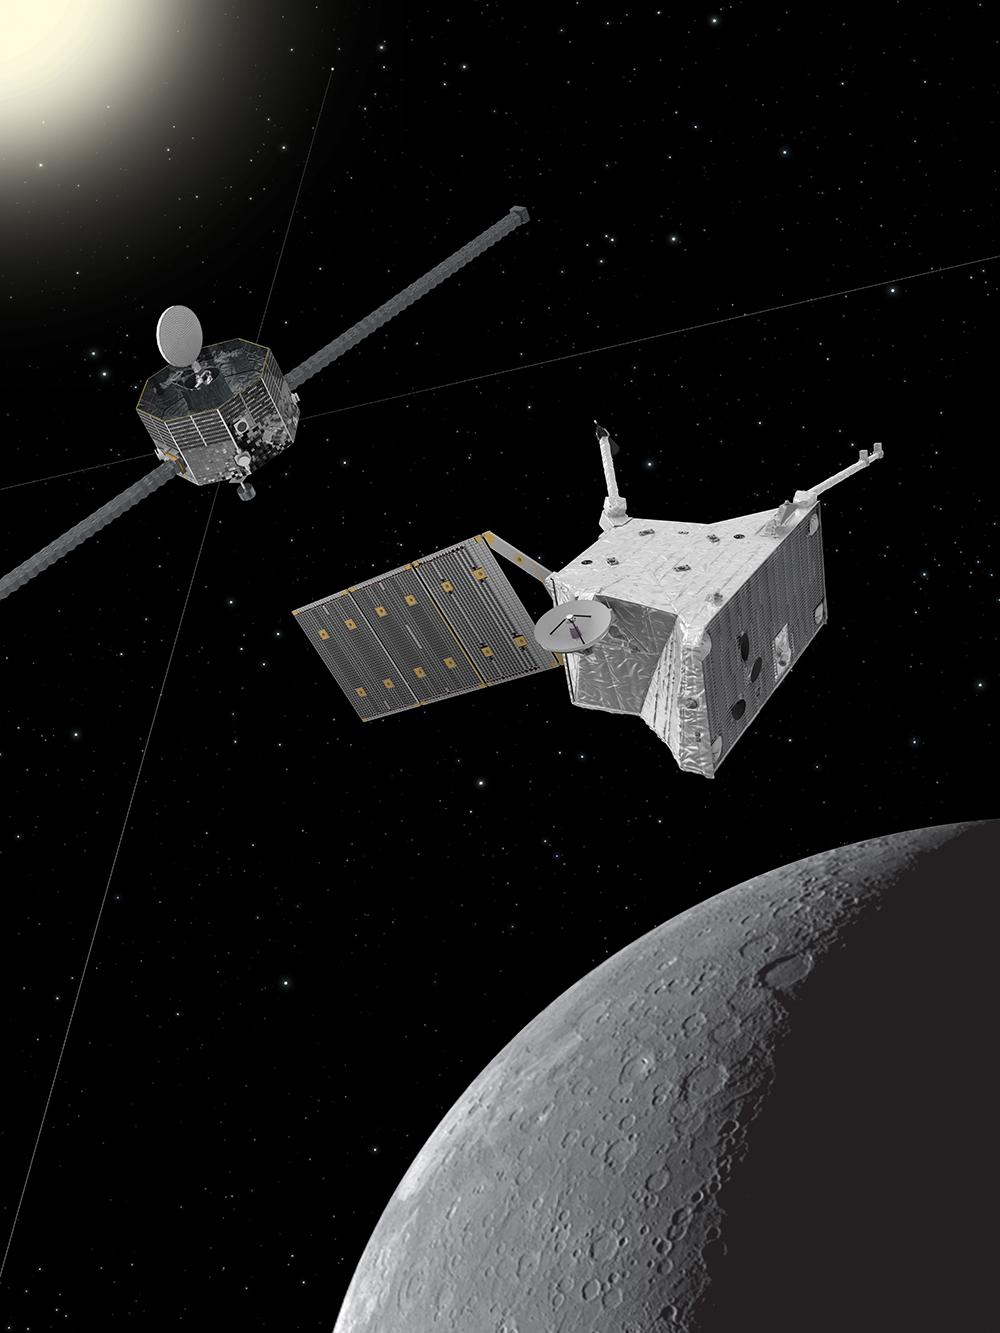 Künstlerische Darstellung der Raumsonde BepiColombo beim Merkur. Das Bild von Merkur wurde von der NASA-Raumsonde Messenger aufgenommen.  © Raumsonde: ESA/ATG medialab; Merkur: NASA/Johns Hopkins University Applied Physics Laboratory/Carnegie Institution of Washington